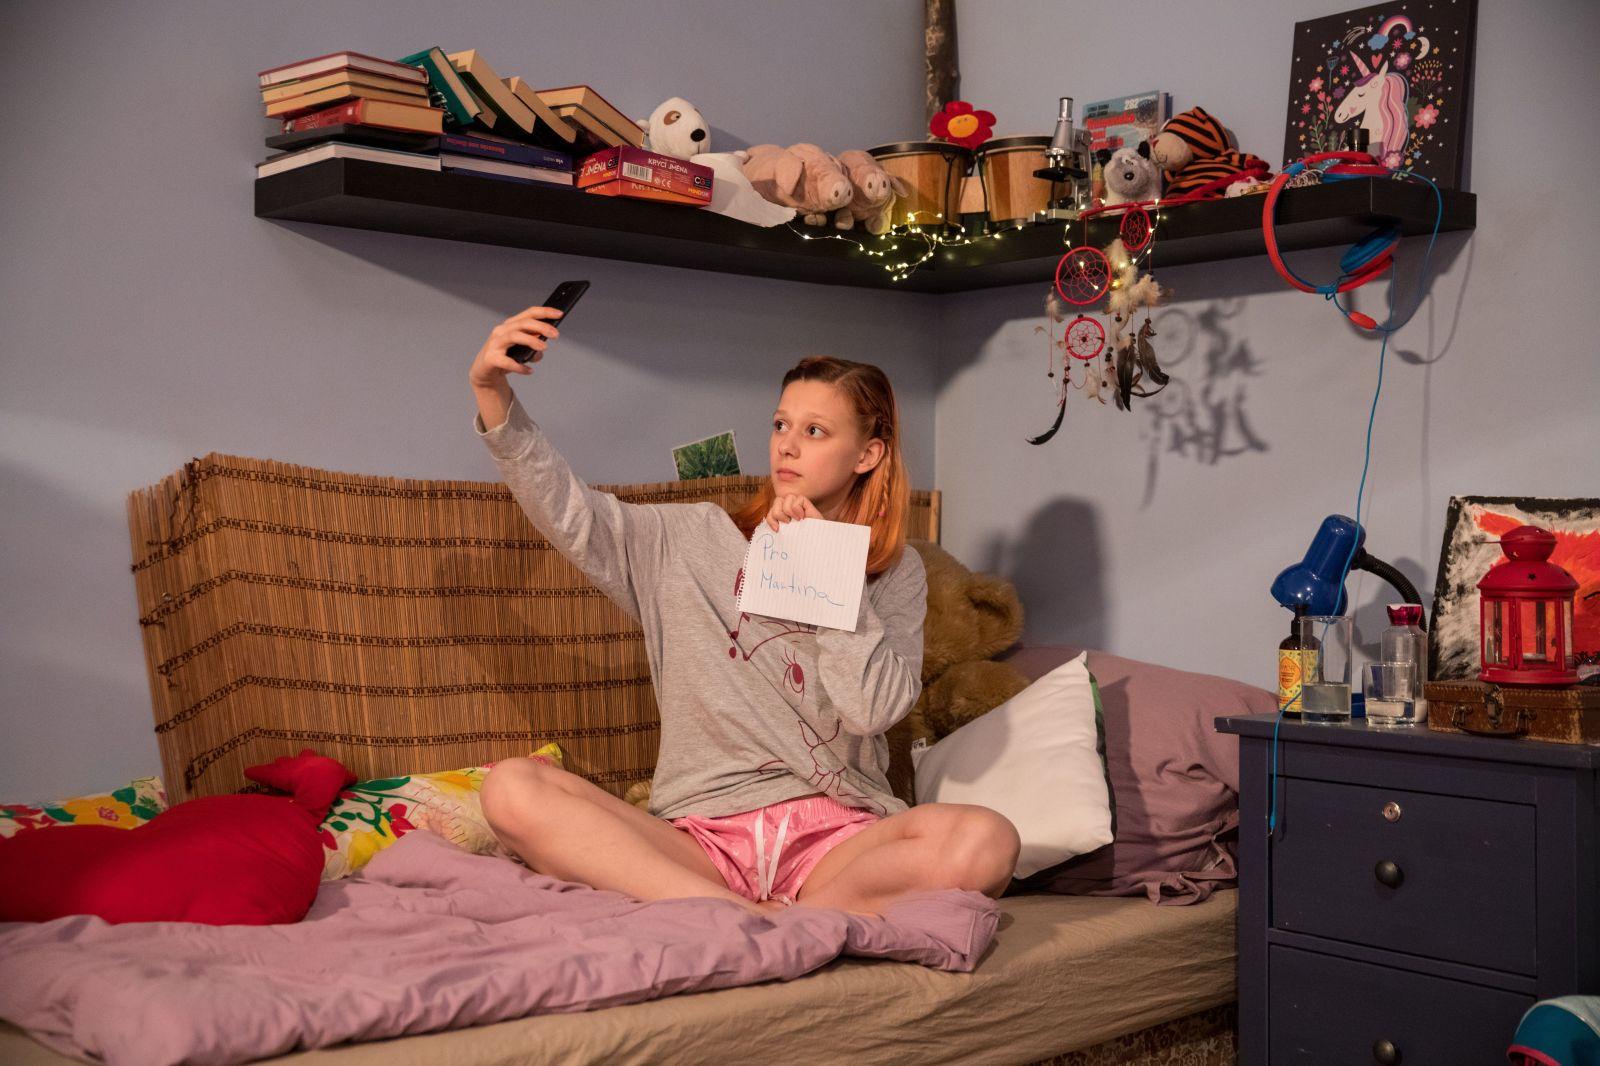 Predátoři po dětech vyžadují sexuální konverzaci a masturbaci na webkameře. Porno už je nebaví, chtějí živý stimul (Rozhovor)